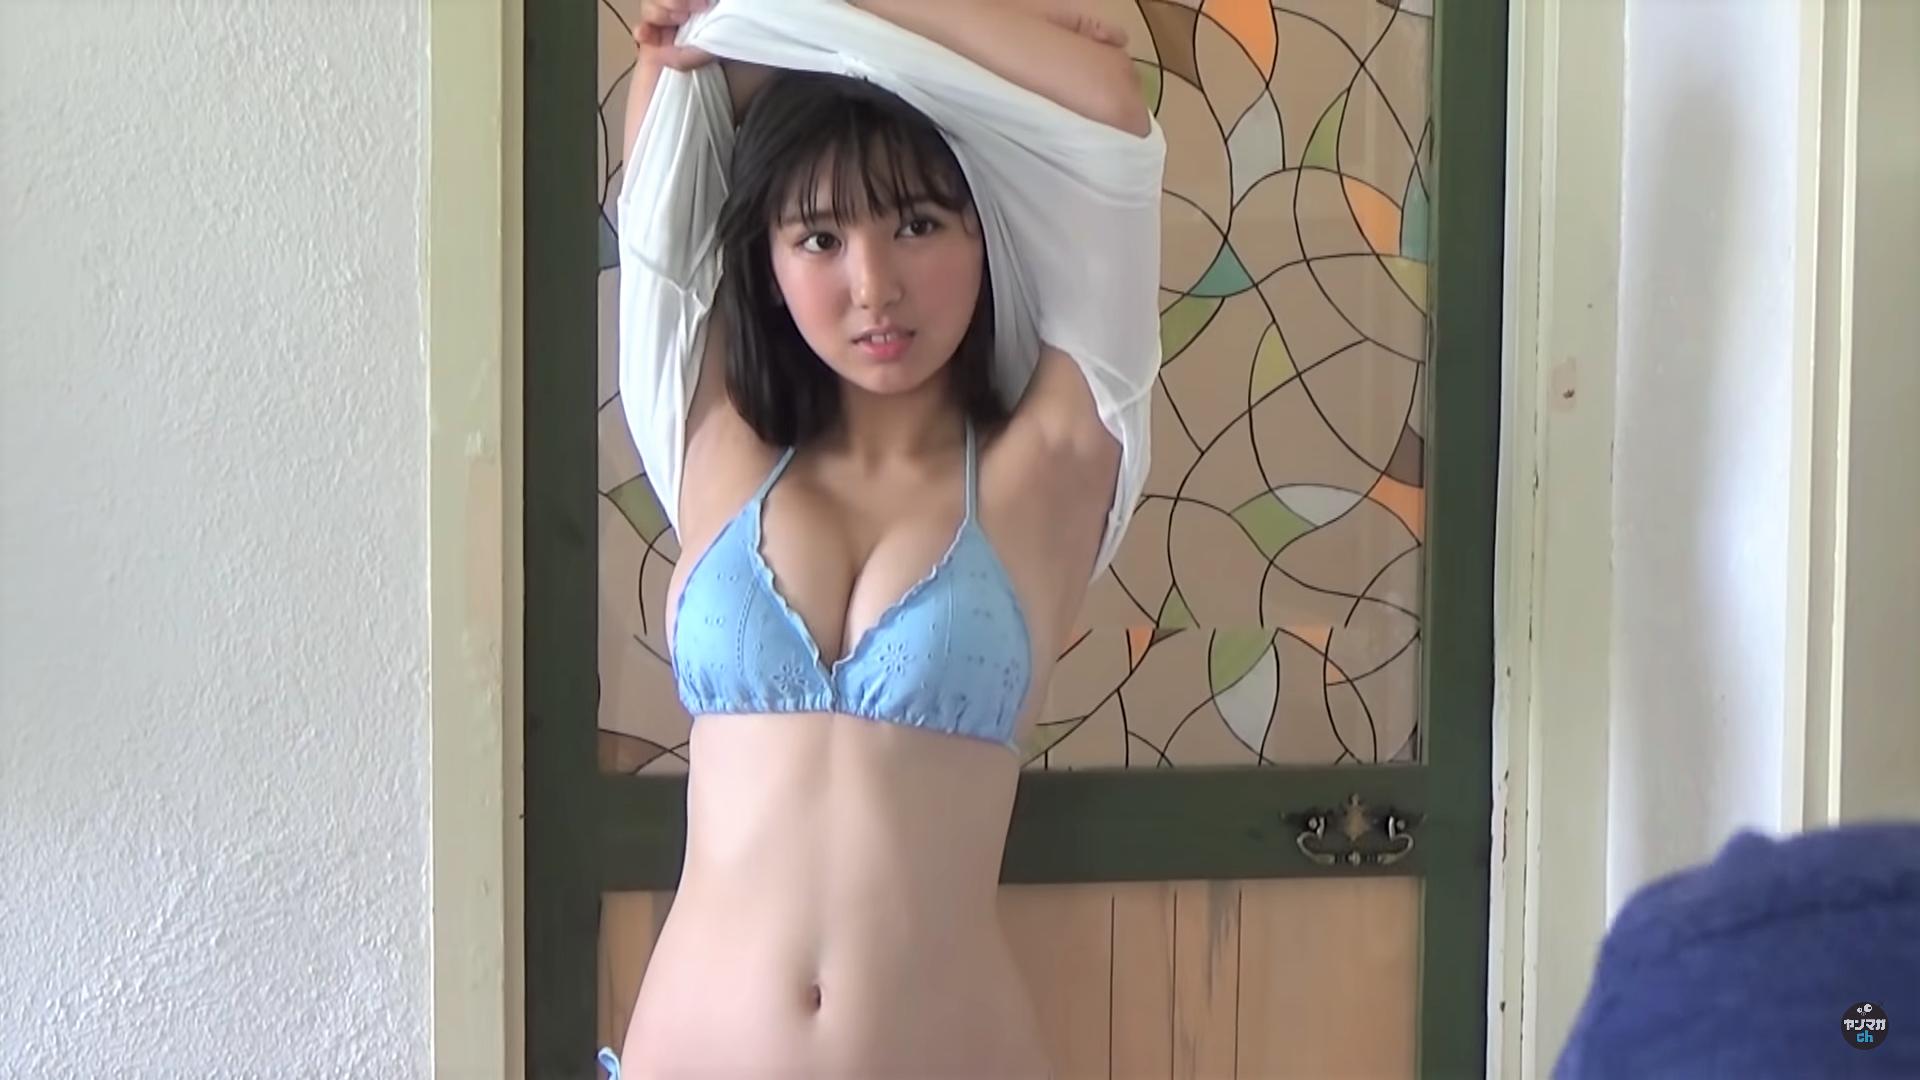 【沢口愛華】Fカップ2 ミスマガジン2018「グランプリ」に輝いたハリツヤ美BODYを披露!